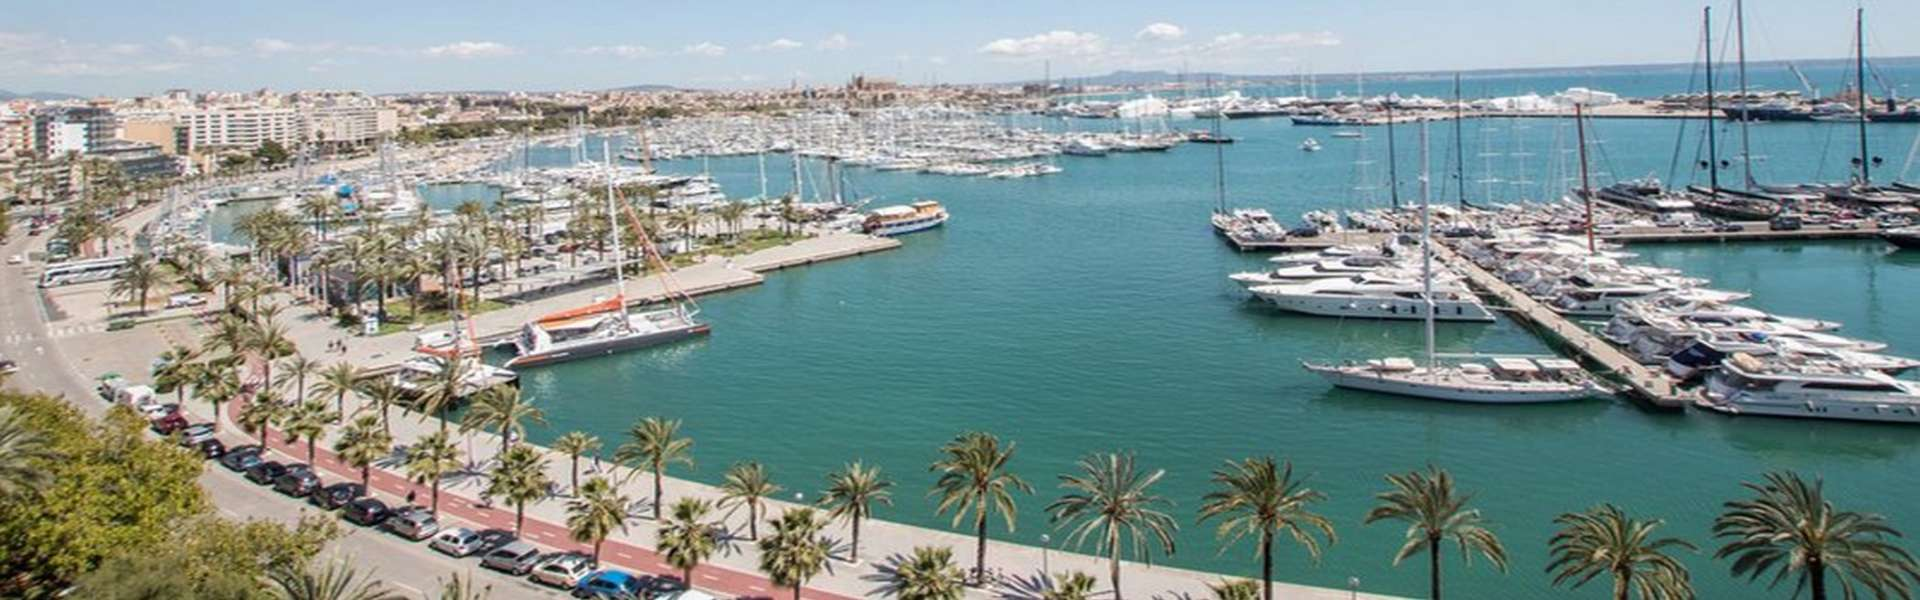 Palma/Paseo Marítimo - Luxuriöses Apartment an der Hafenpromenade